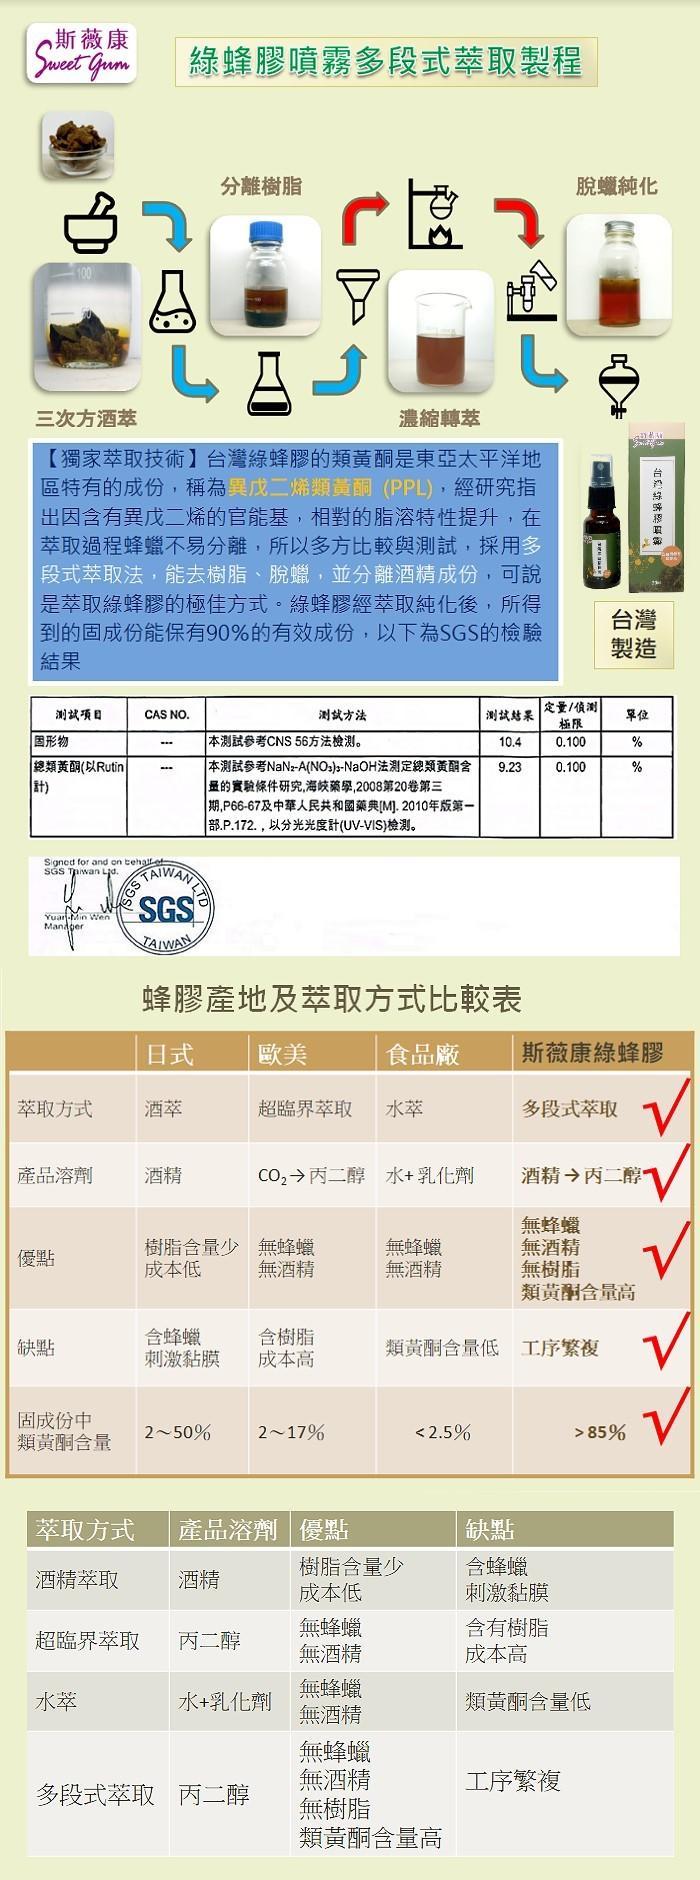 斯薇康-台灣綠蜂膠噴霧(無酒精)20ml產品資訊